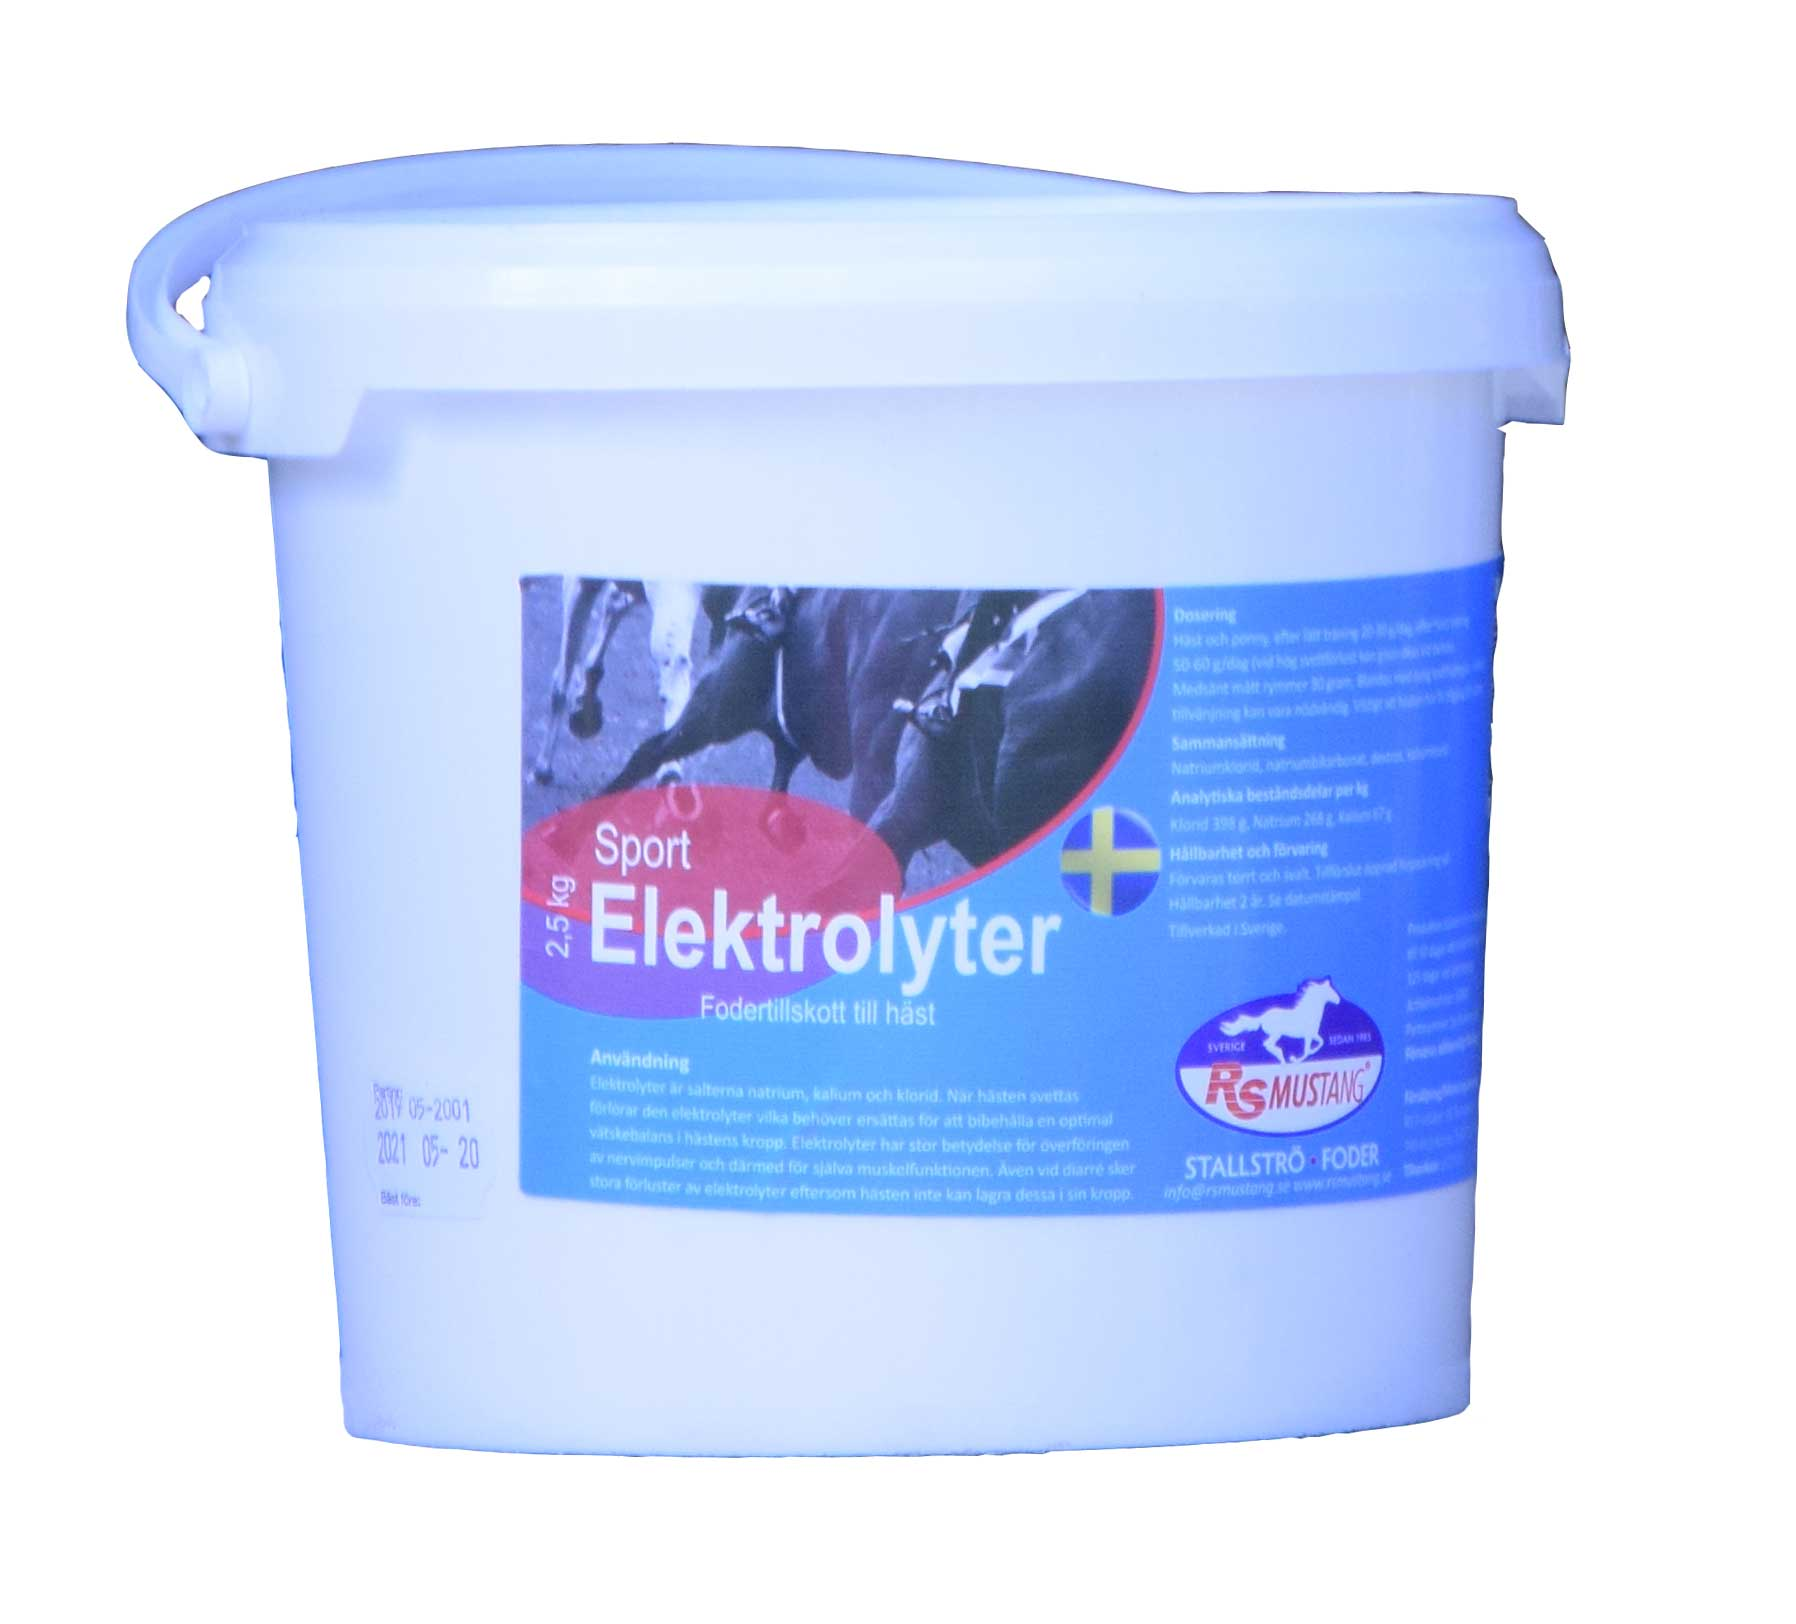 RS Mustang® Elektrolyter